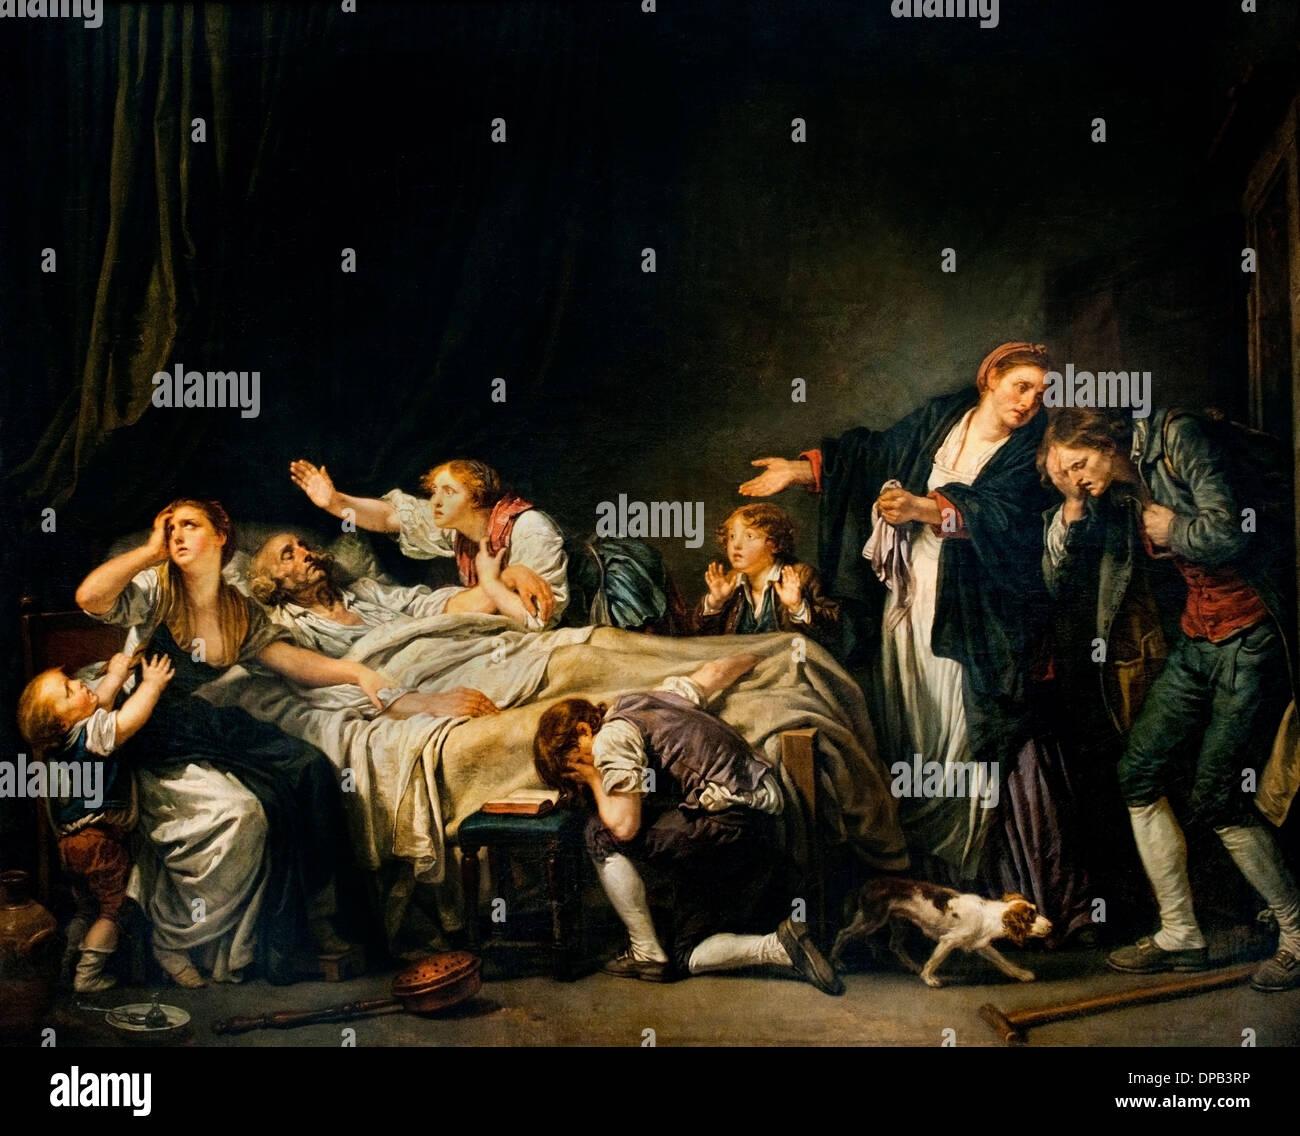 Maledizione paterna figlio punito 1778 Jean Baptiste Greuze 1725 -1805 Francia - Francese Immagini Stock